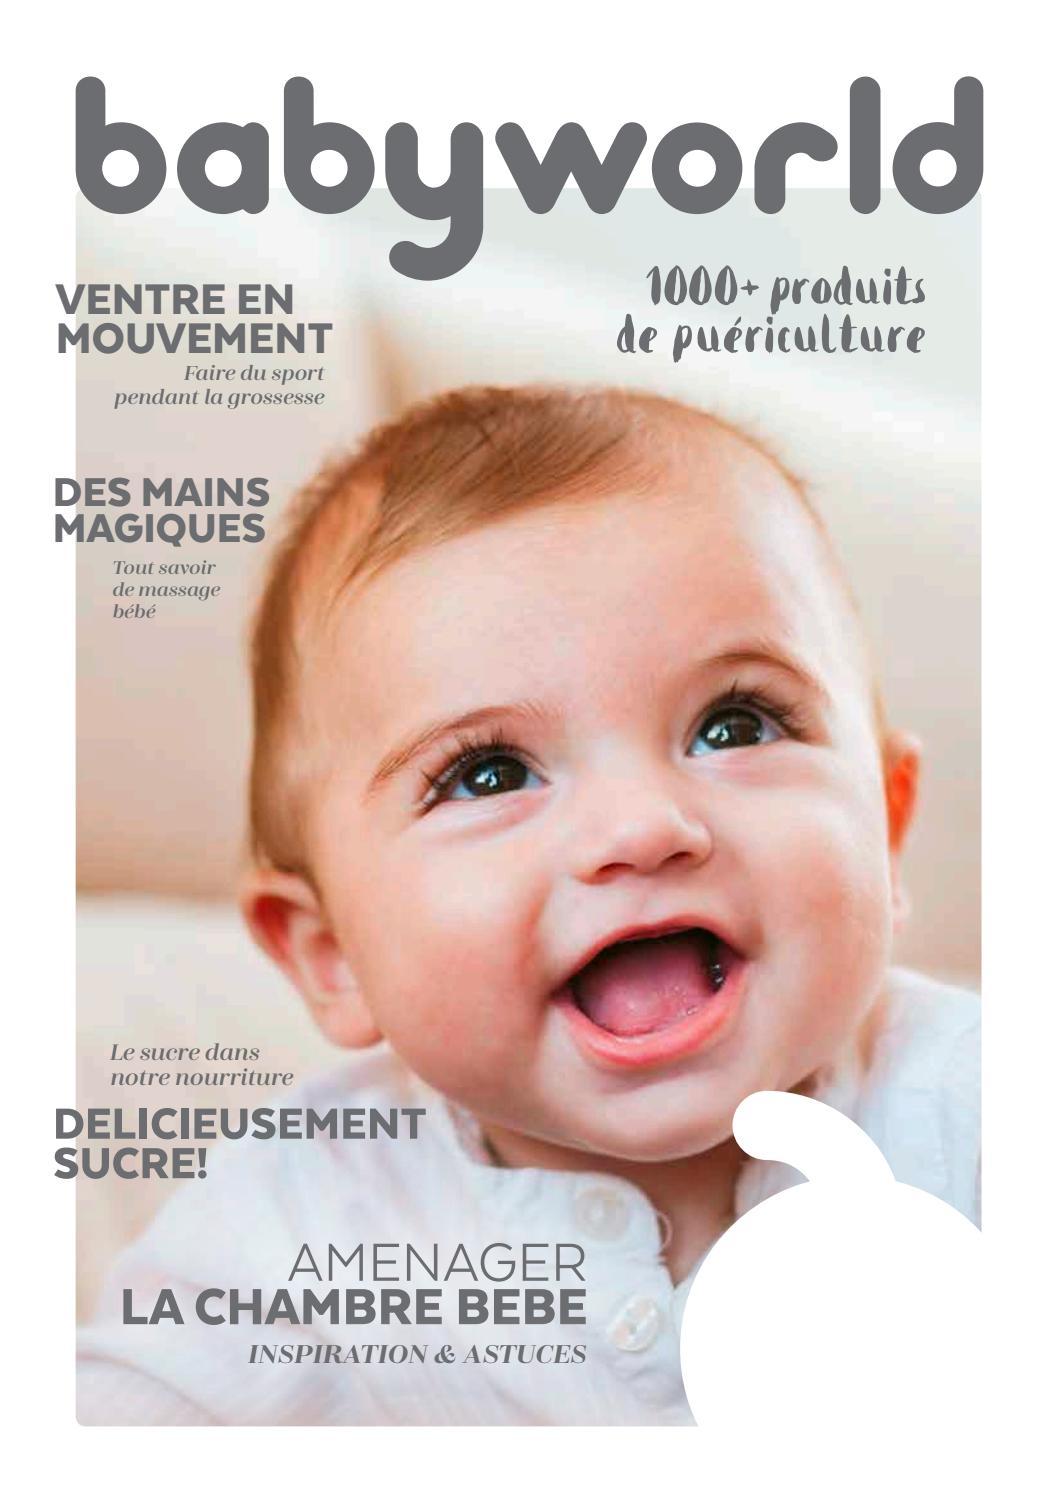 Sweetie Caoutchouc orthodontique Sucette 1 compter 0-6 mois Original Caoutchouc Naturel